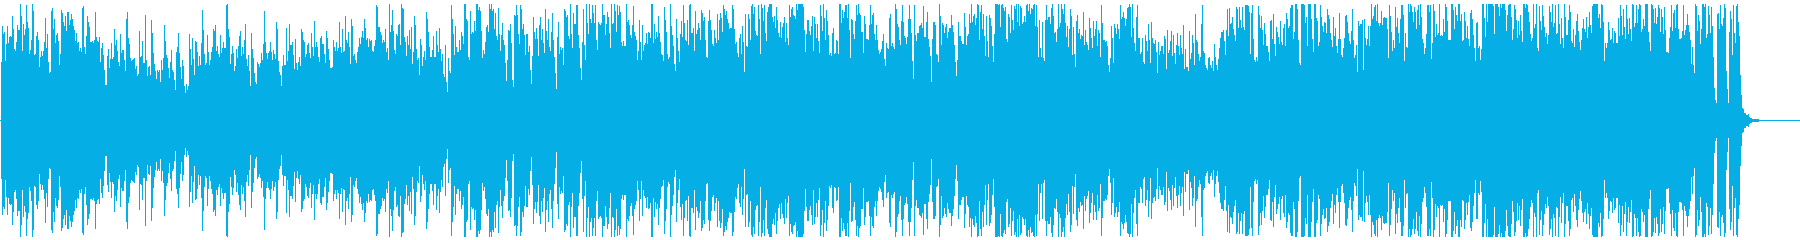 爽やかポップ70年代系 フルート生演奏の再生済みの波形